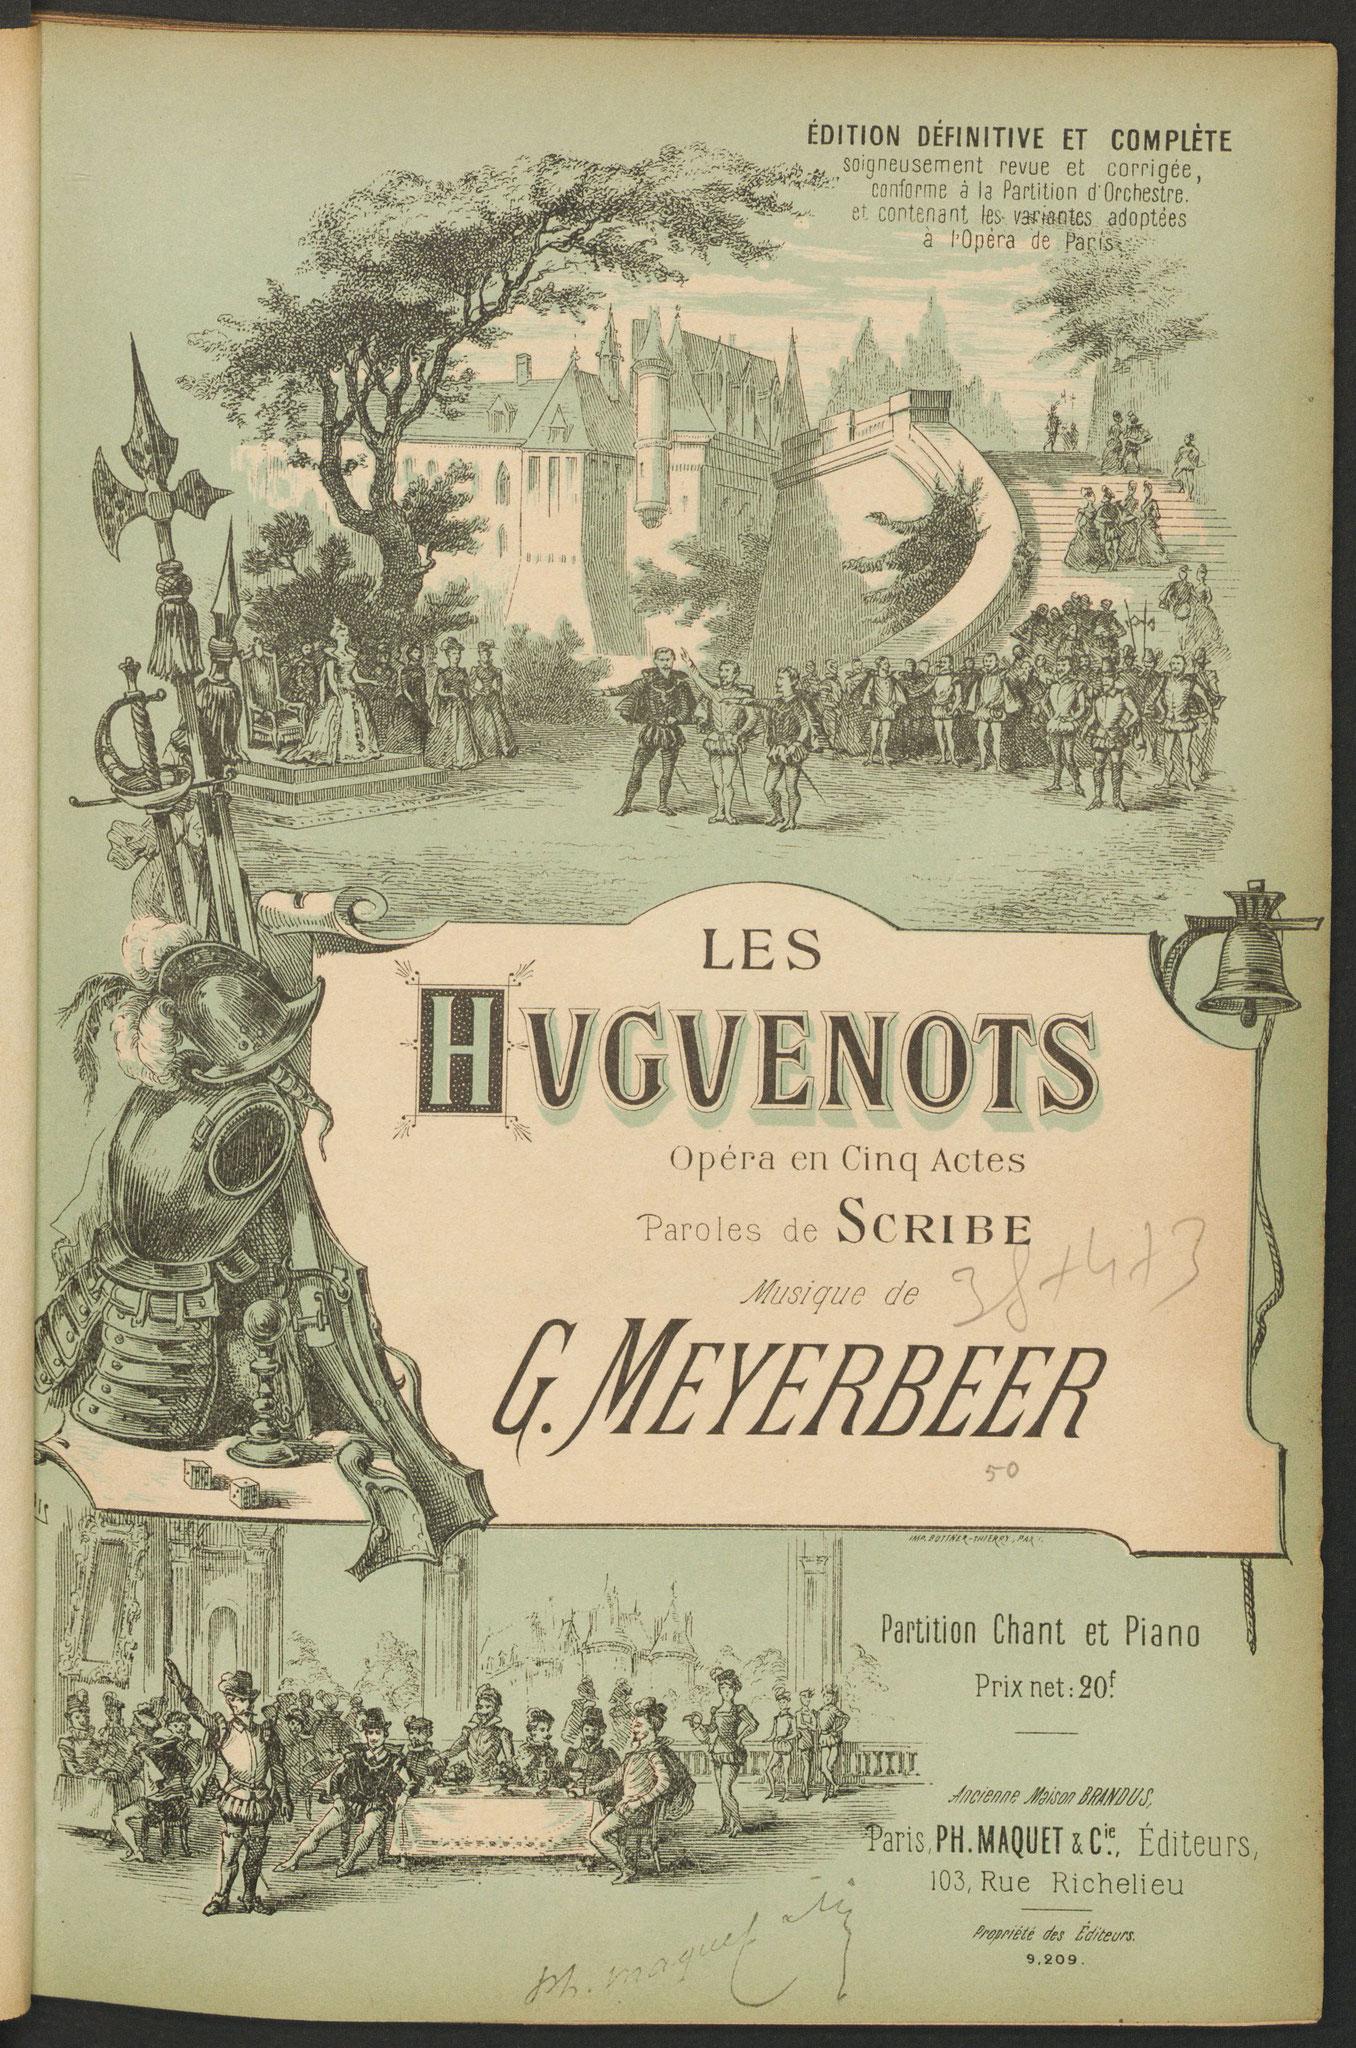 Les Huguenots de Giacomo Meyerbeer